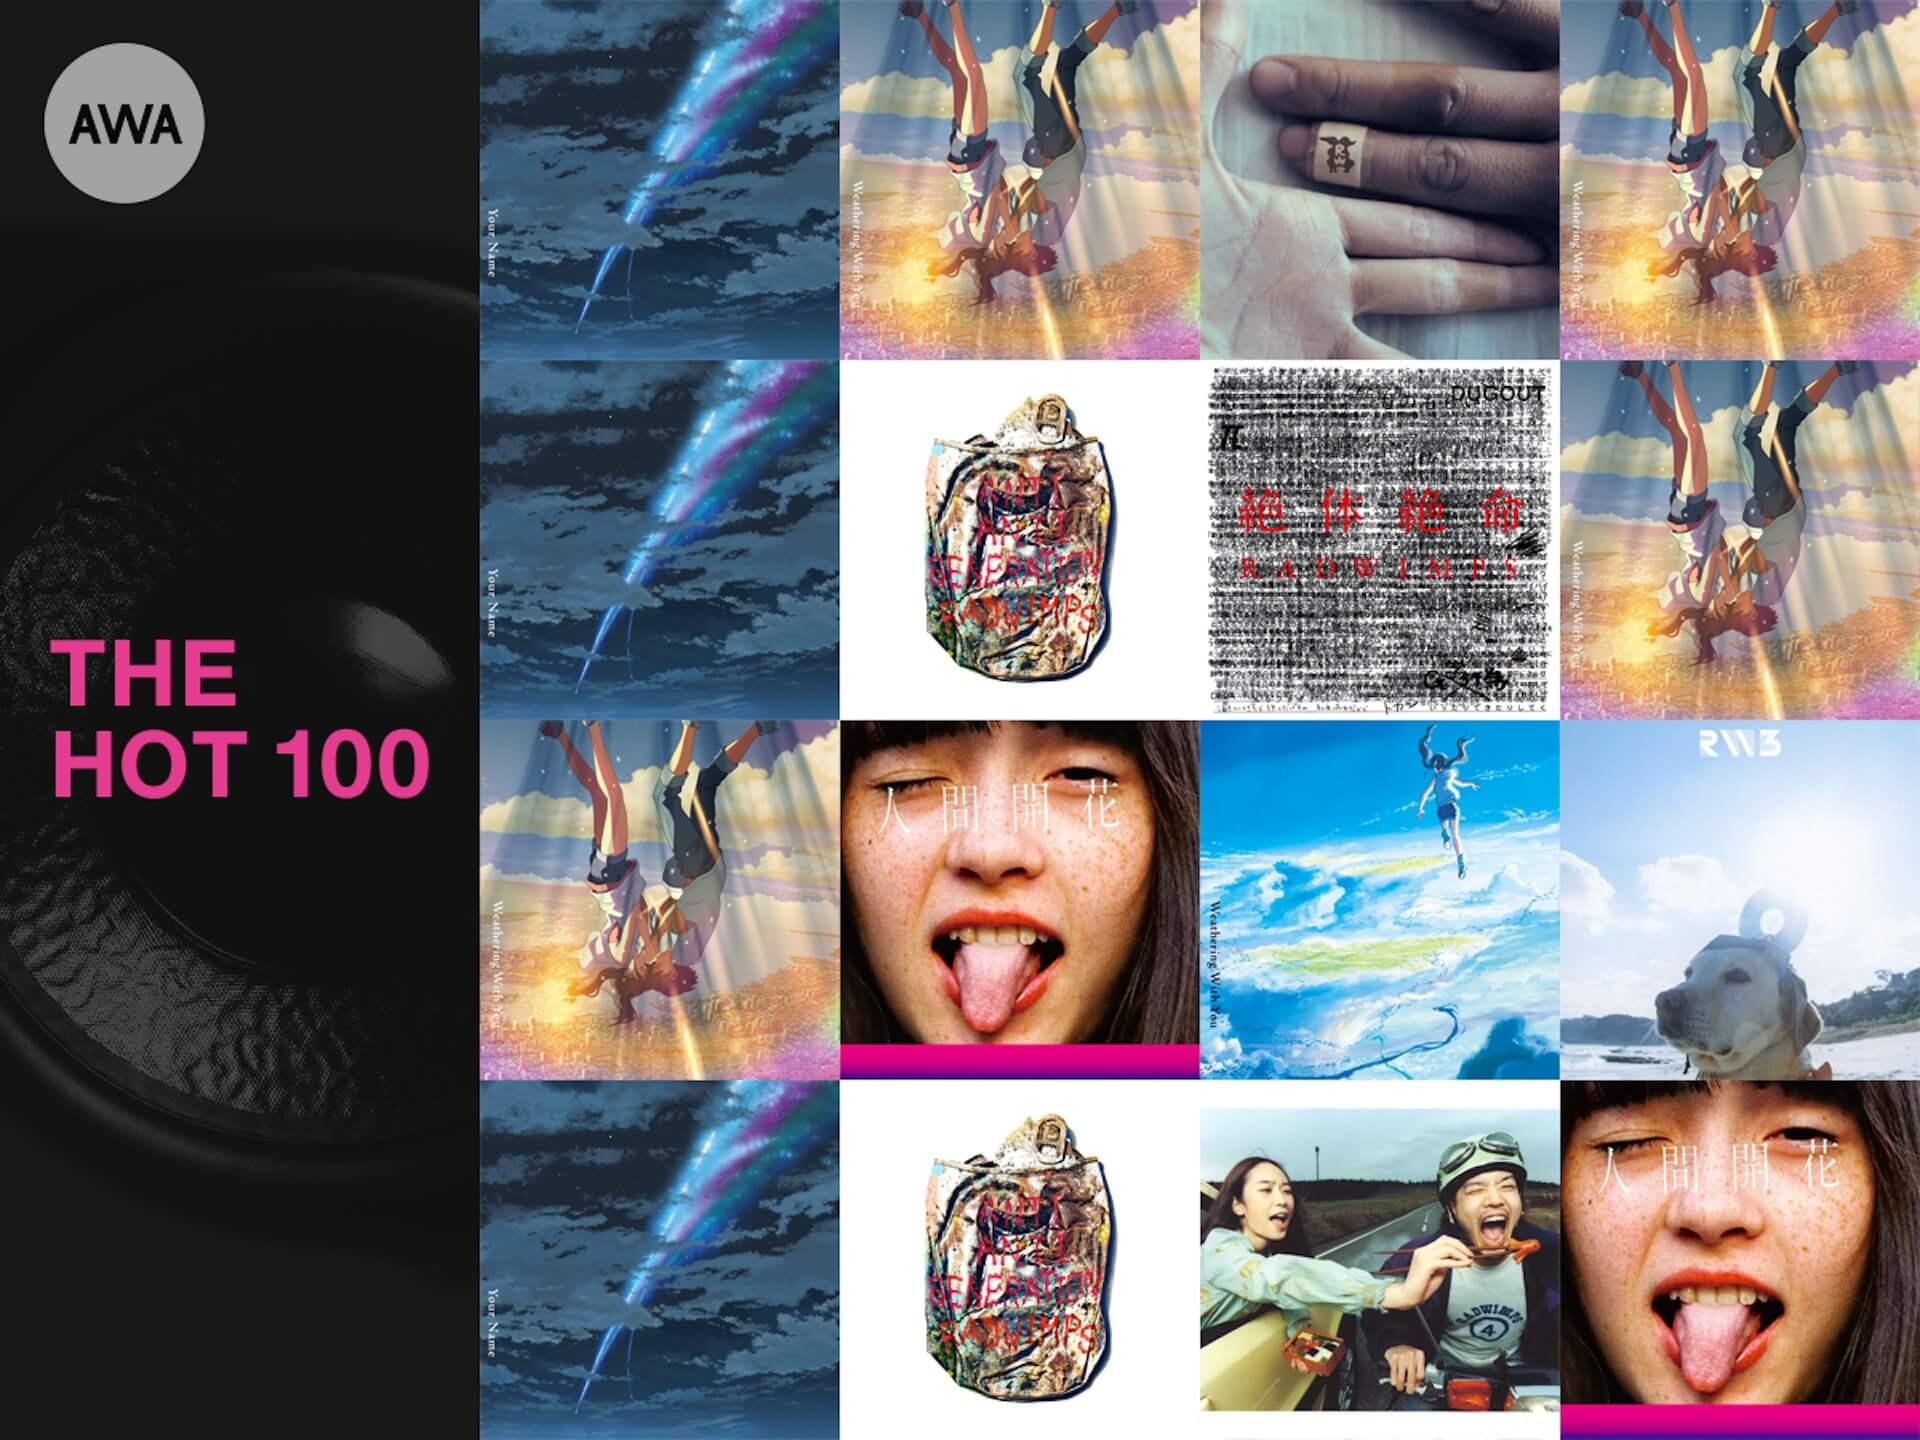 RADWIMPSがAWAで初の快挙「THE HOT 100」1位から100位まで独占!『君の名は。』『天気の子』主題歌もランクイン music200518_radwimps_01-1